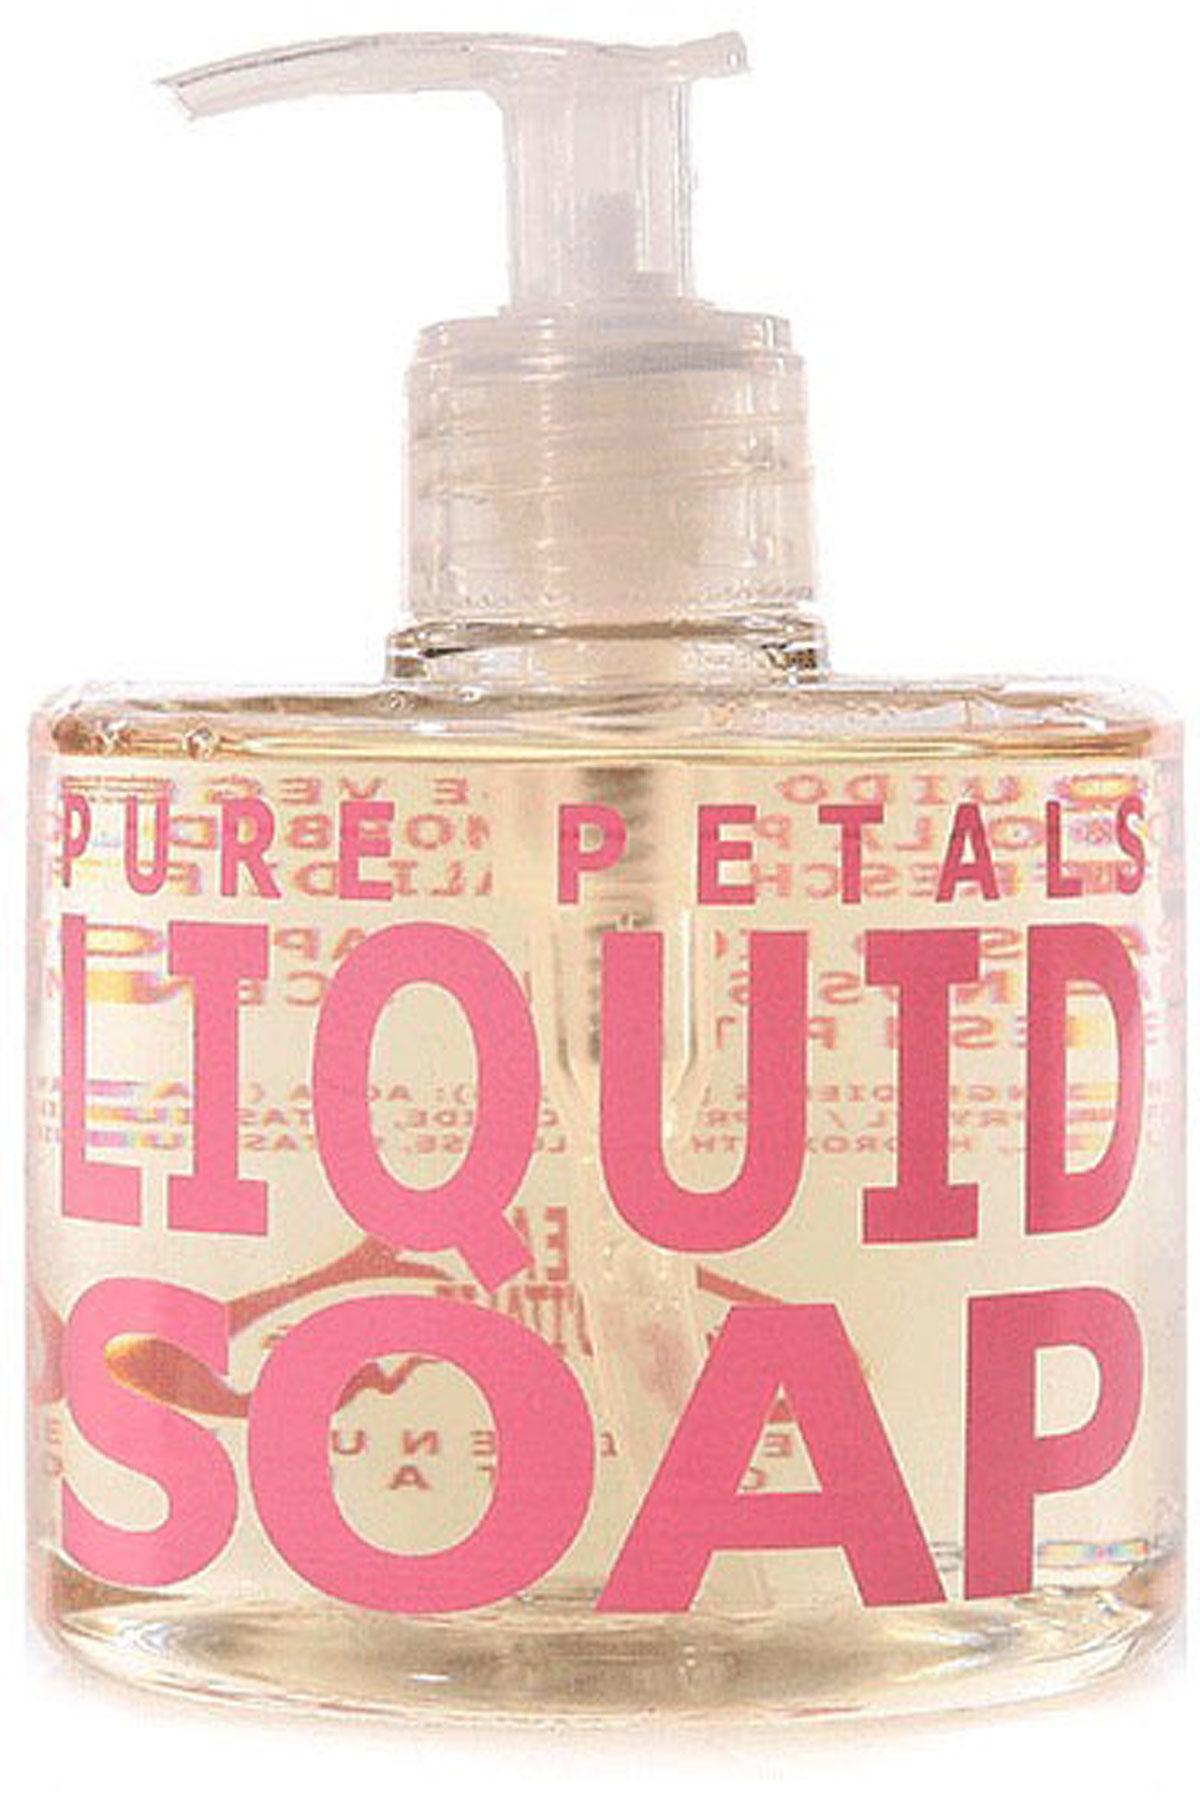 Eau D Italie Beauty for Men, Pure Petals - Liquid Soap - 300 Ml, 2019, 300 ml